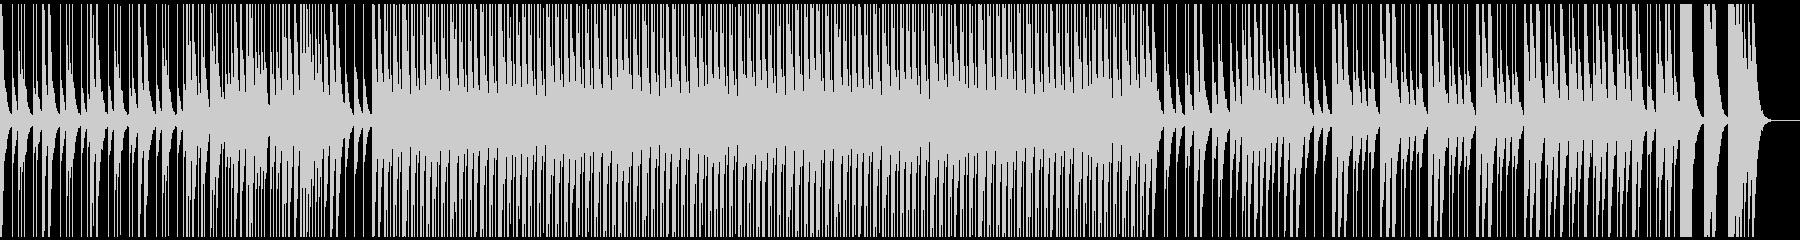 ウッドパーカッションによるリズムのいい曲の未再生の波形